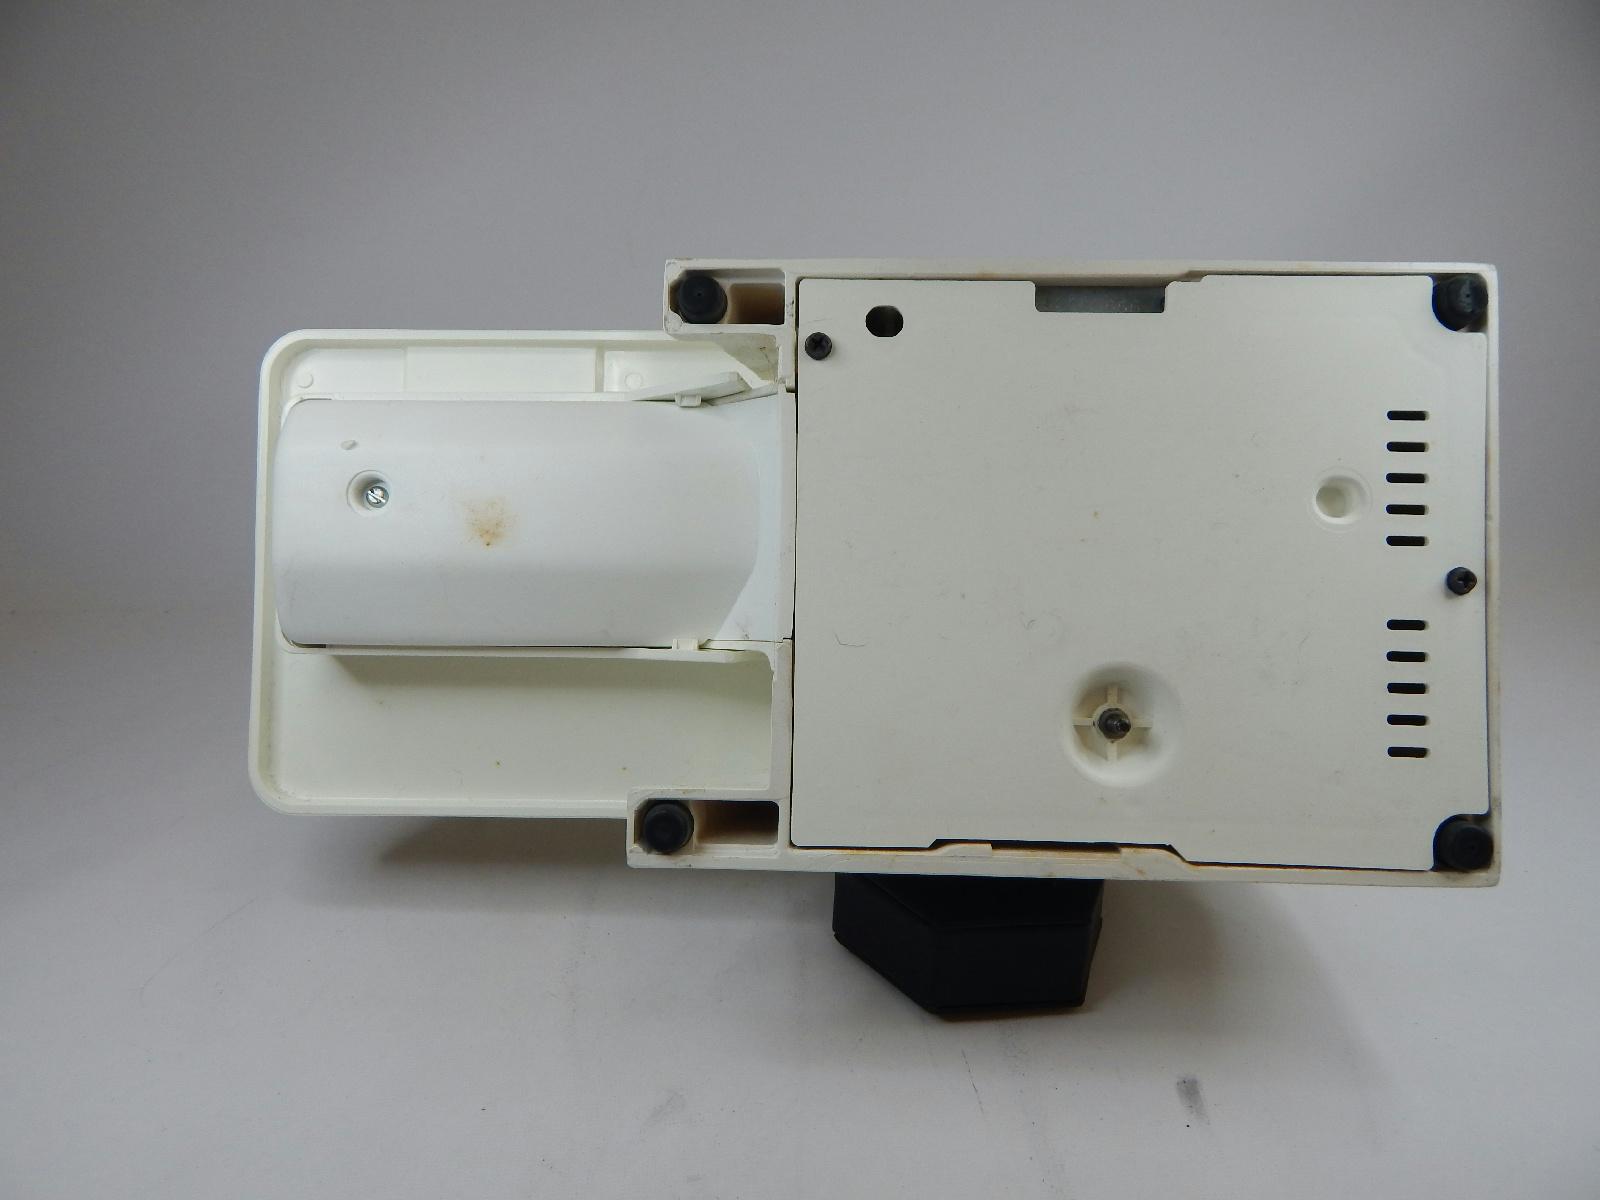 singer sewing machine 2502c